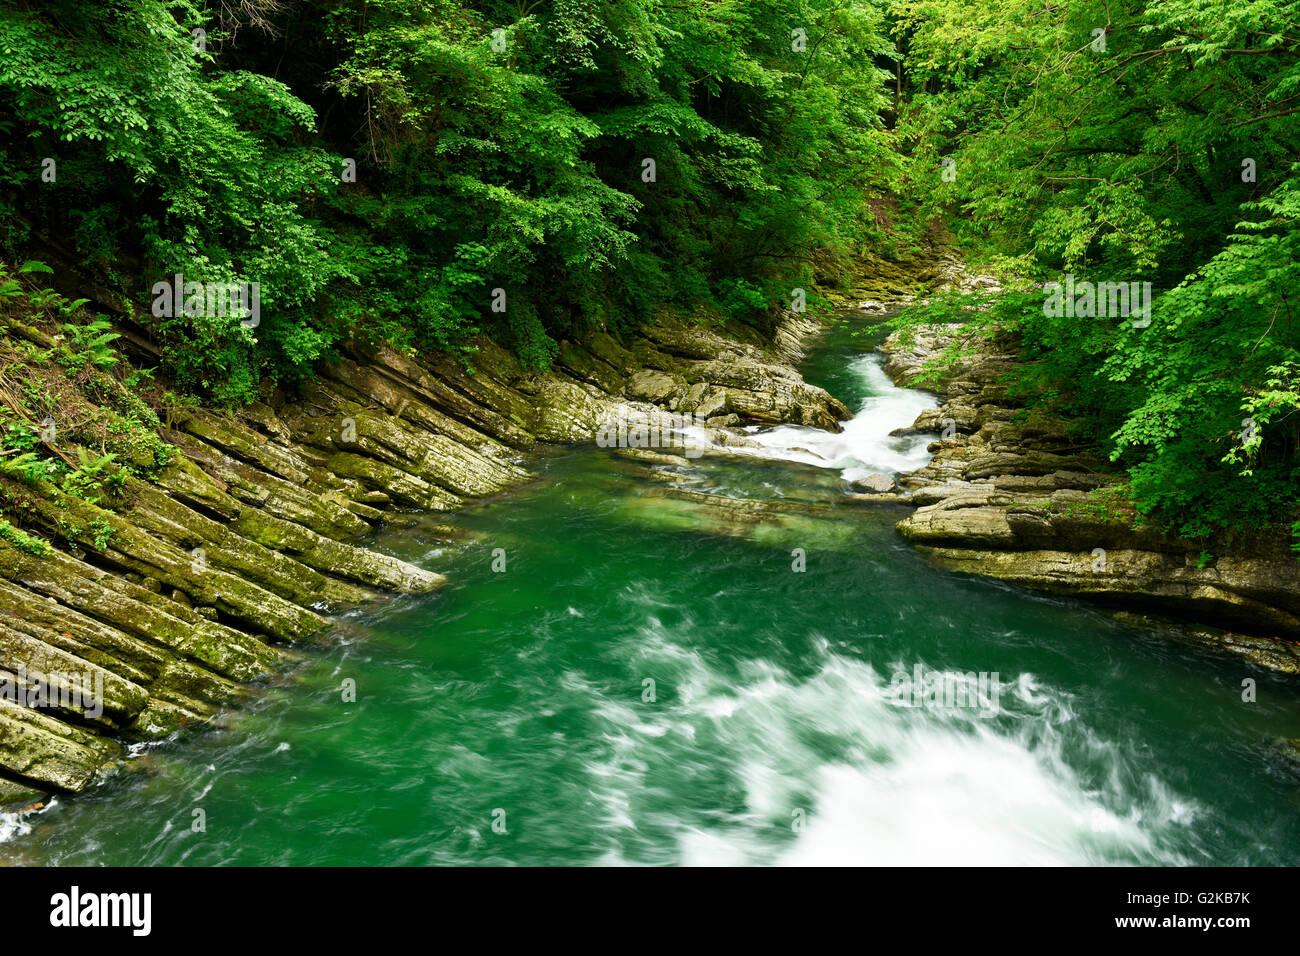 Eroded bands of limestone, rocks, River Breggia, Parco delle Gole della Breggia, Mendrisio, Canton of Ticino, Switzerland - Stock Image